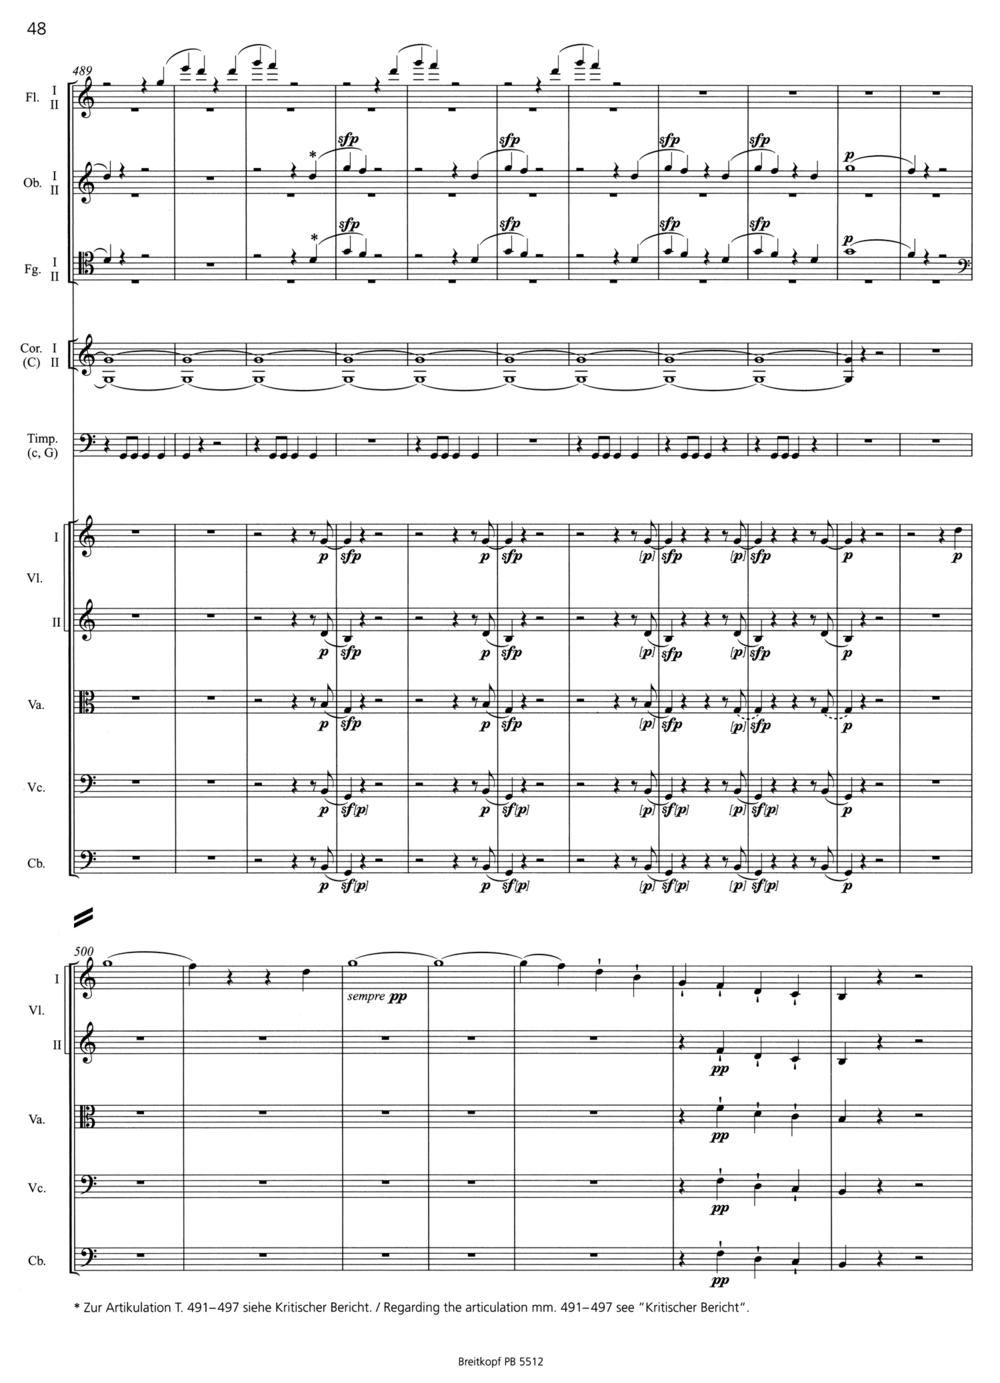 Beethoven Leonore Score 5.jpg